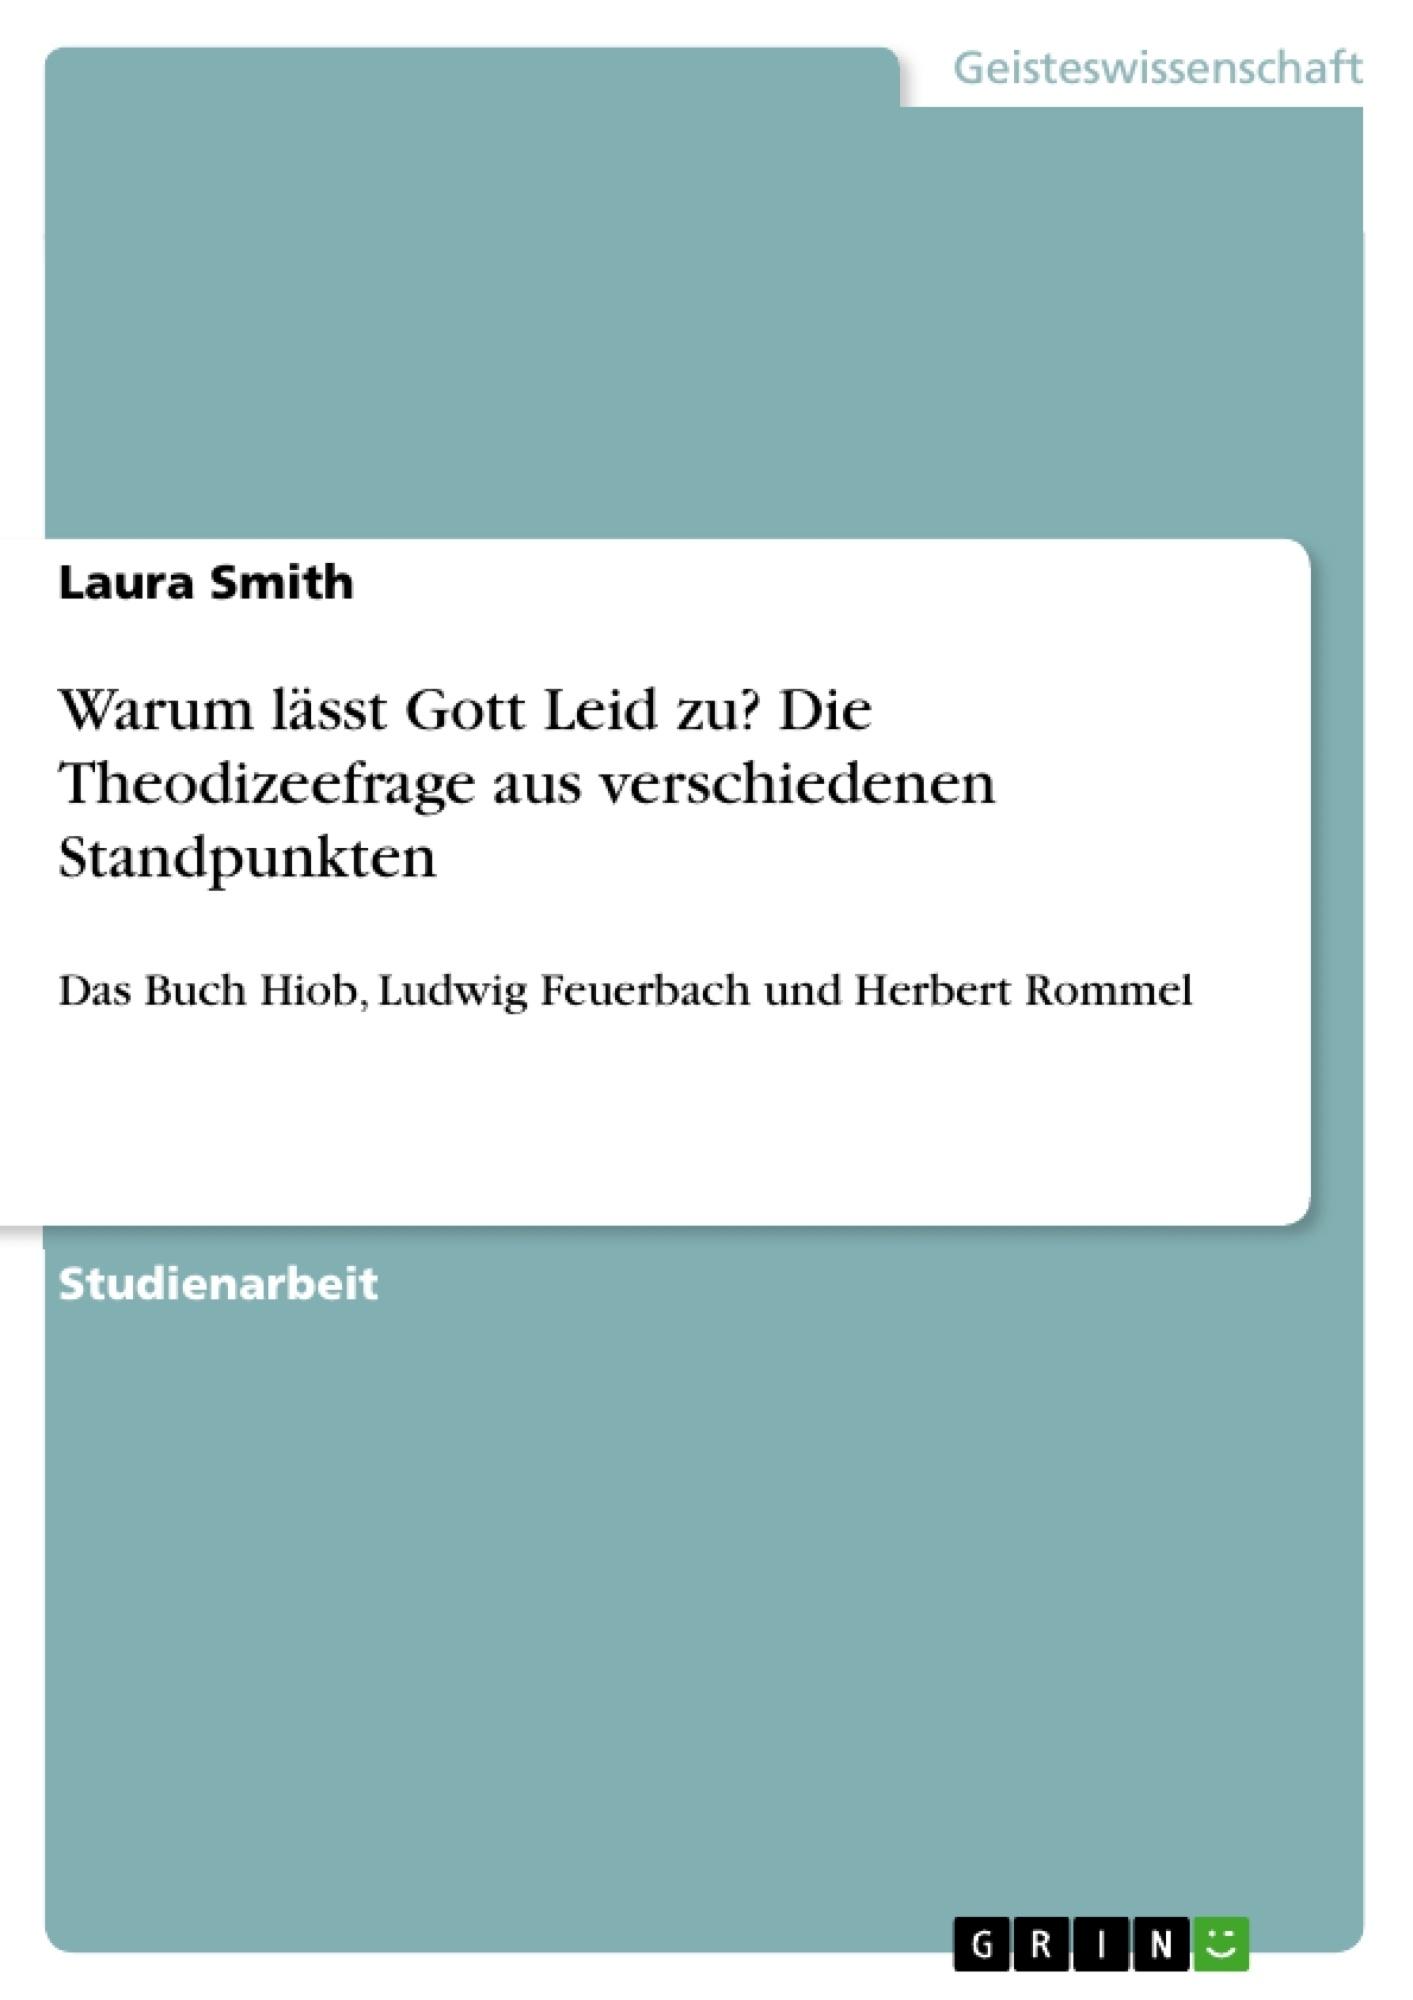 Titel: Warum lässt Gott Leid zu? Die Theodizeefrage aus verschiedenen Standpunkten